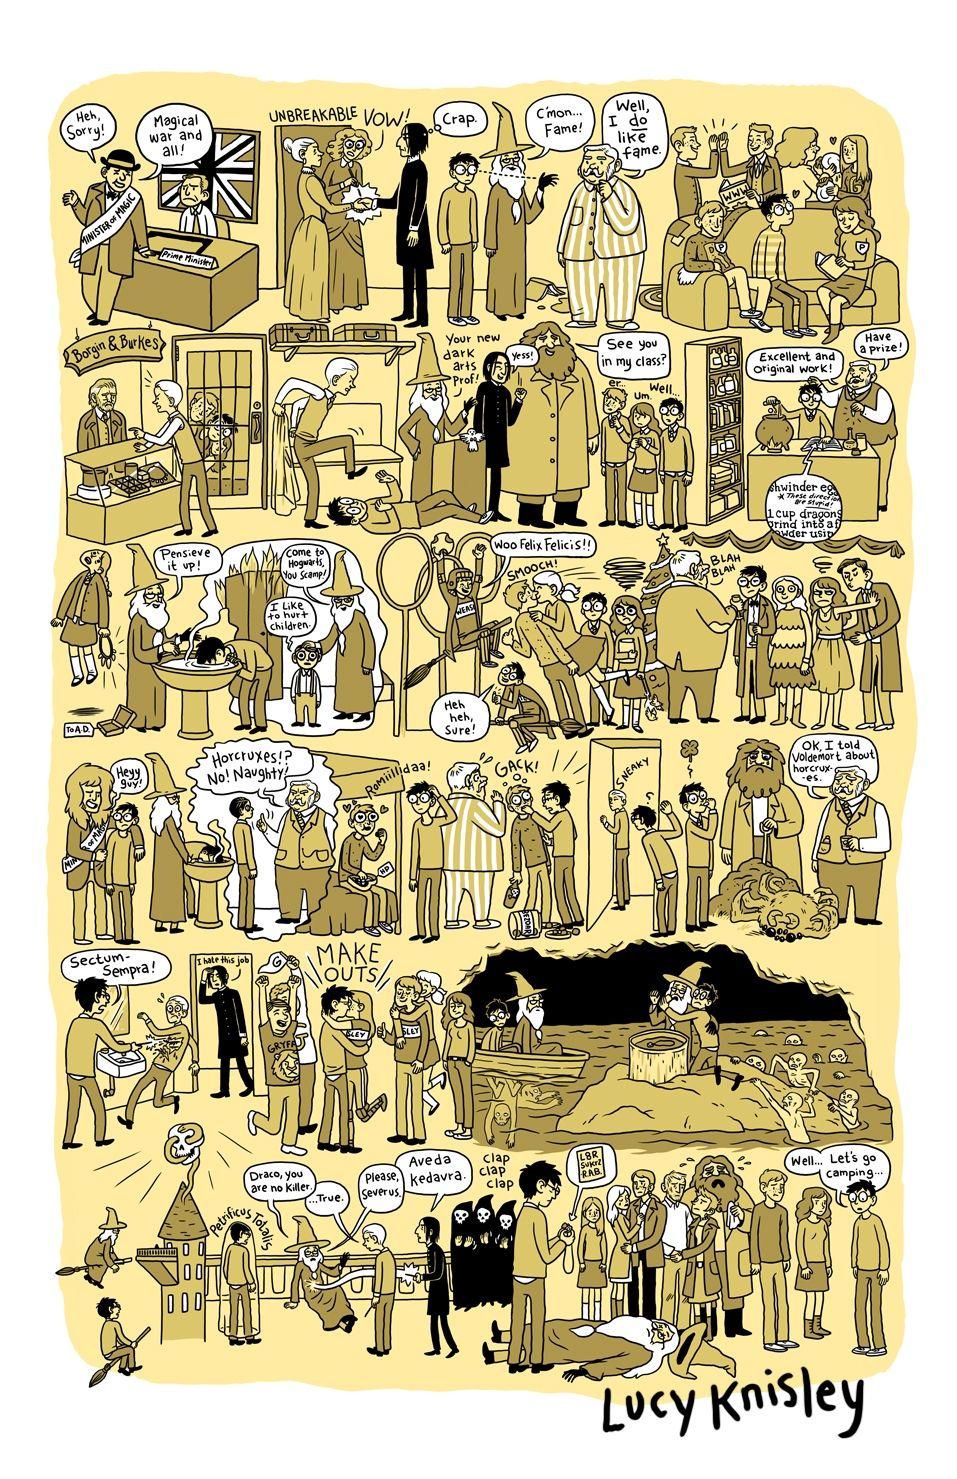 Alle Harry Potter Bande Als Comic Zusammengefasst Was Is Hier Eigentlich Los Harry Potter 6 Harry Potter Comics Harry Potter Bucher